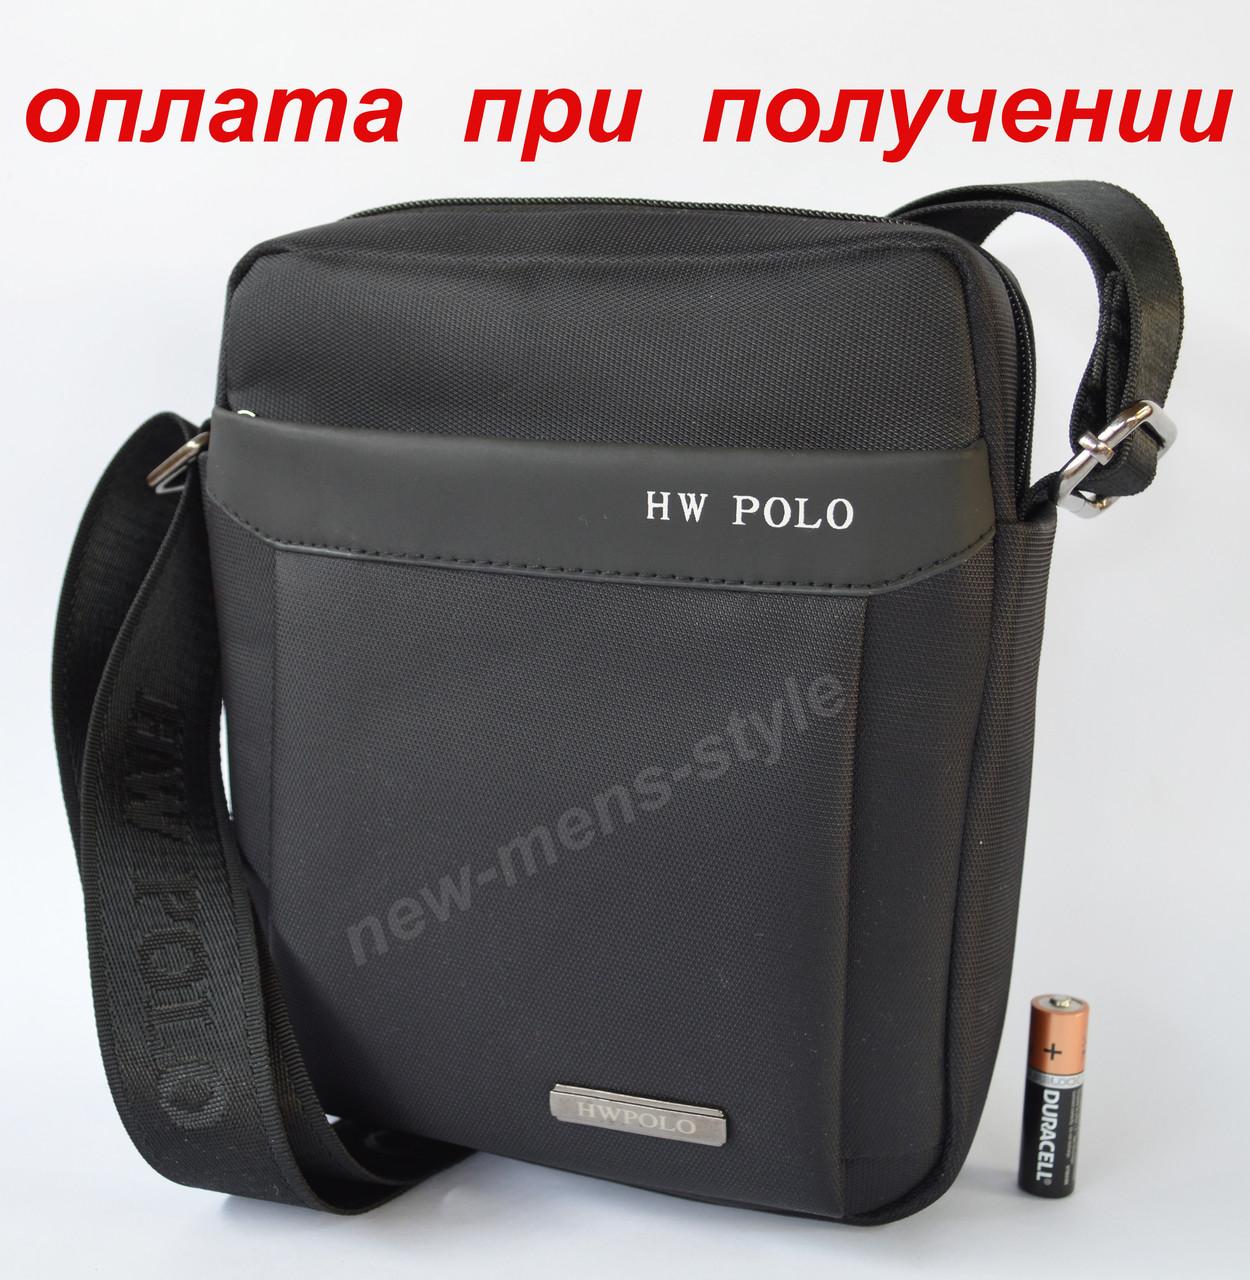 Чоловіча через плече тканинна сумка слінг рюкзак барсетка Polo купити